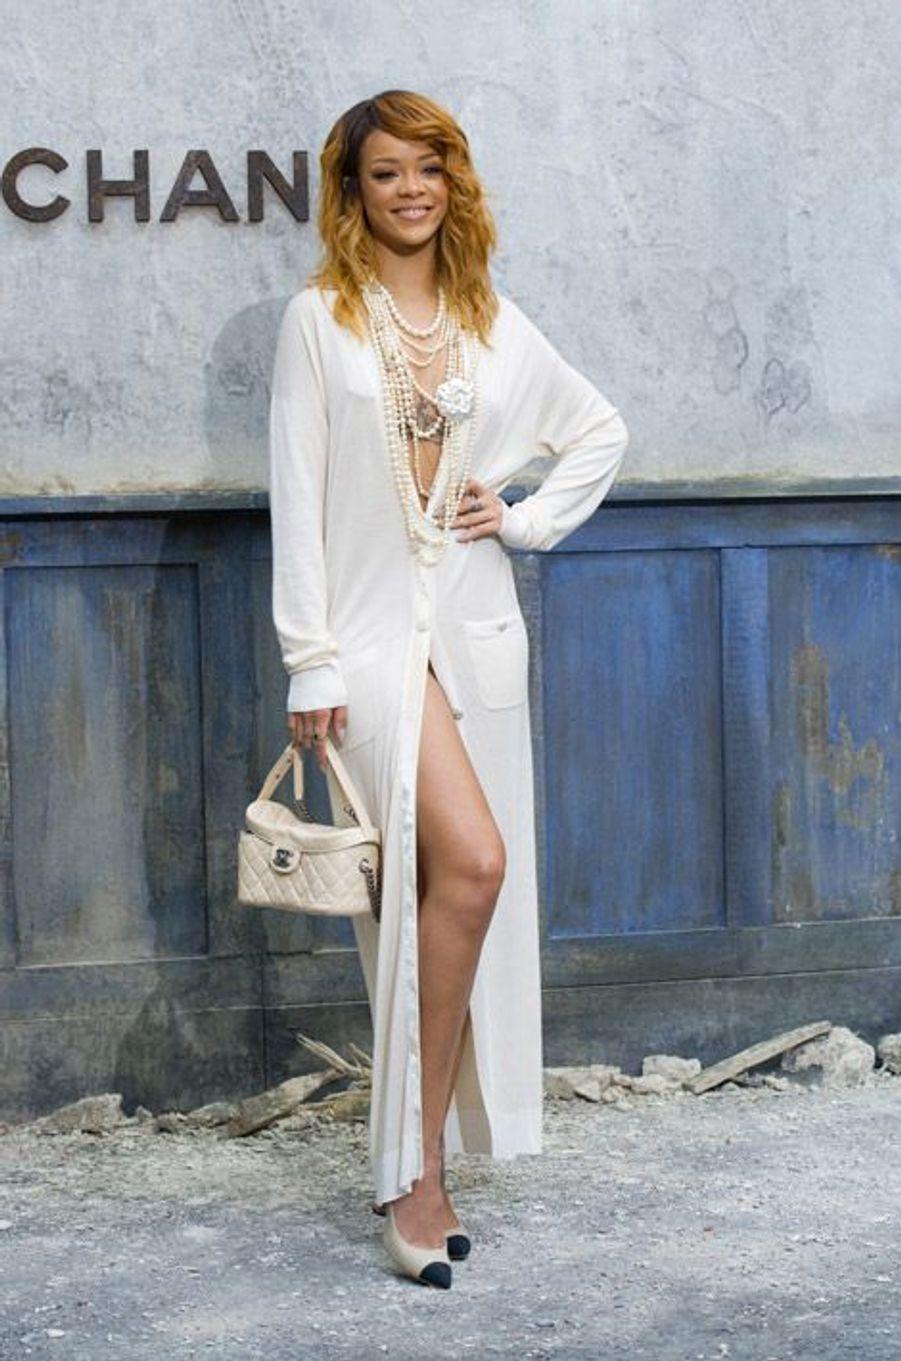 En Chanel pour le défilé de la marque, le 2 juillet 2013 à Paris